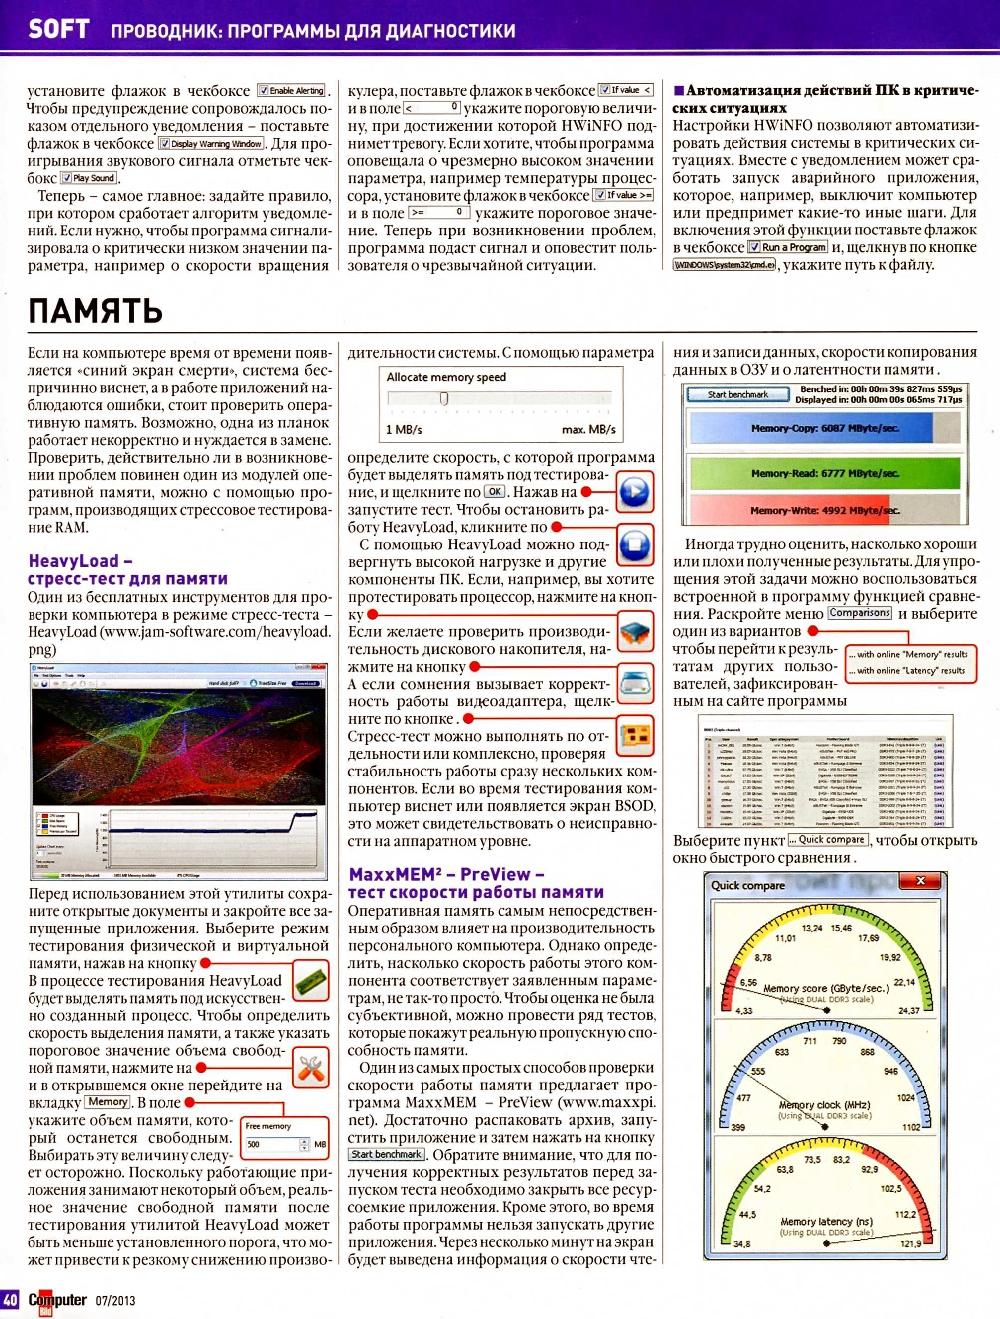 http://s3.hostingkartinok.com/uploads/images/2013/09/ec5092ced7756f7a99898fe6459371ab.jpg